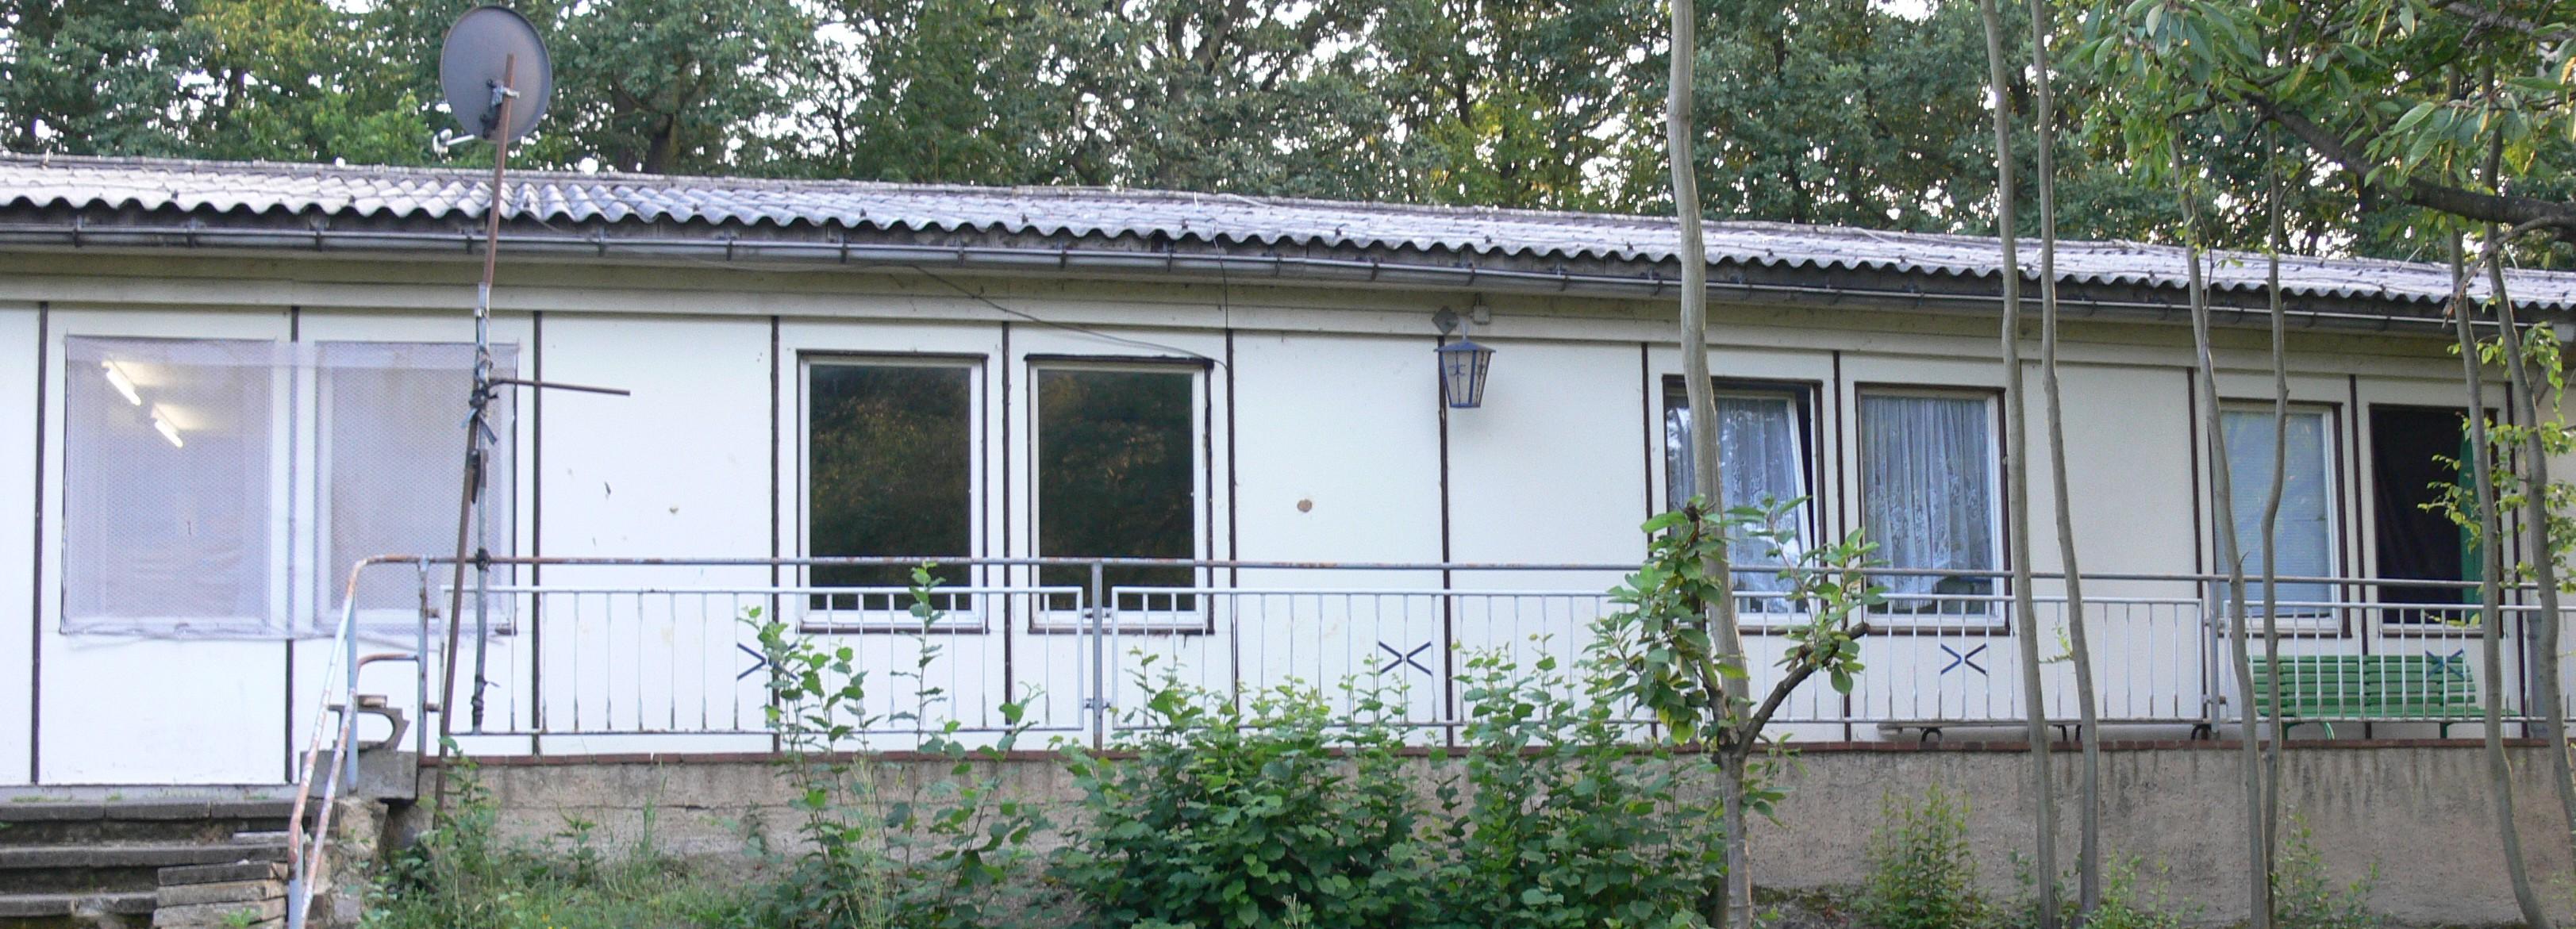 Asylbewerberheim Bahren bei Grimma